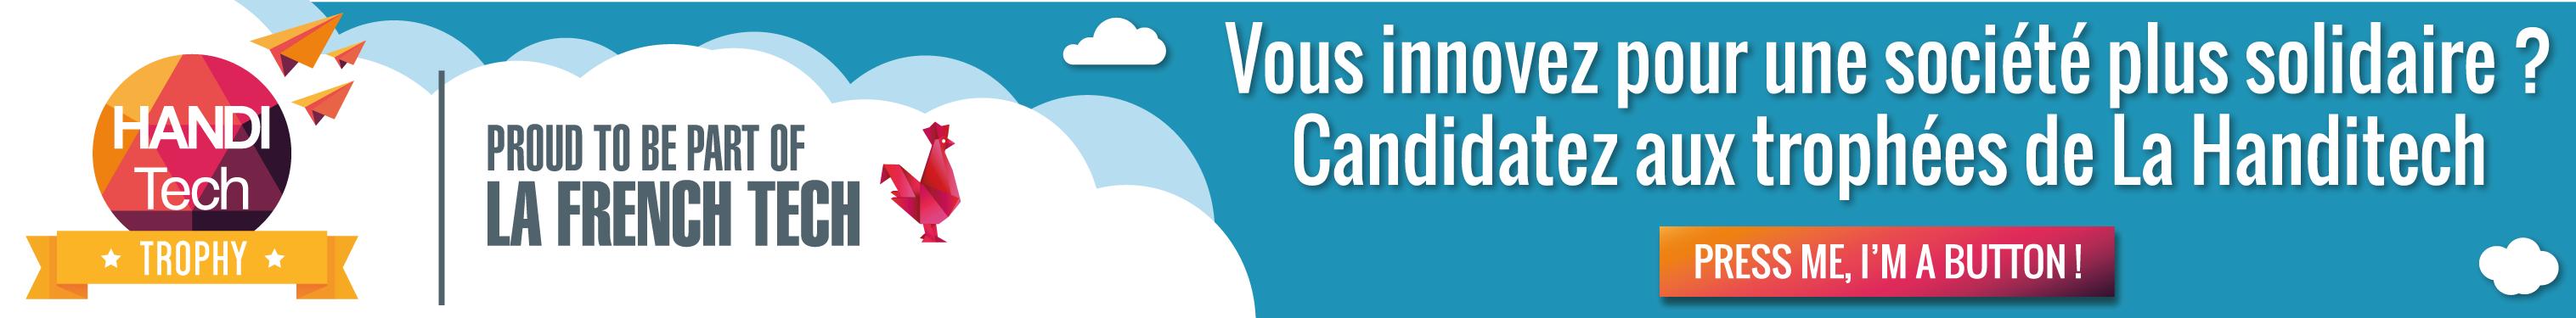 APPEL A PROJET: La Handitech lance ses trophées 2018!